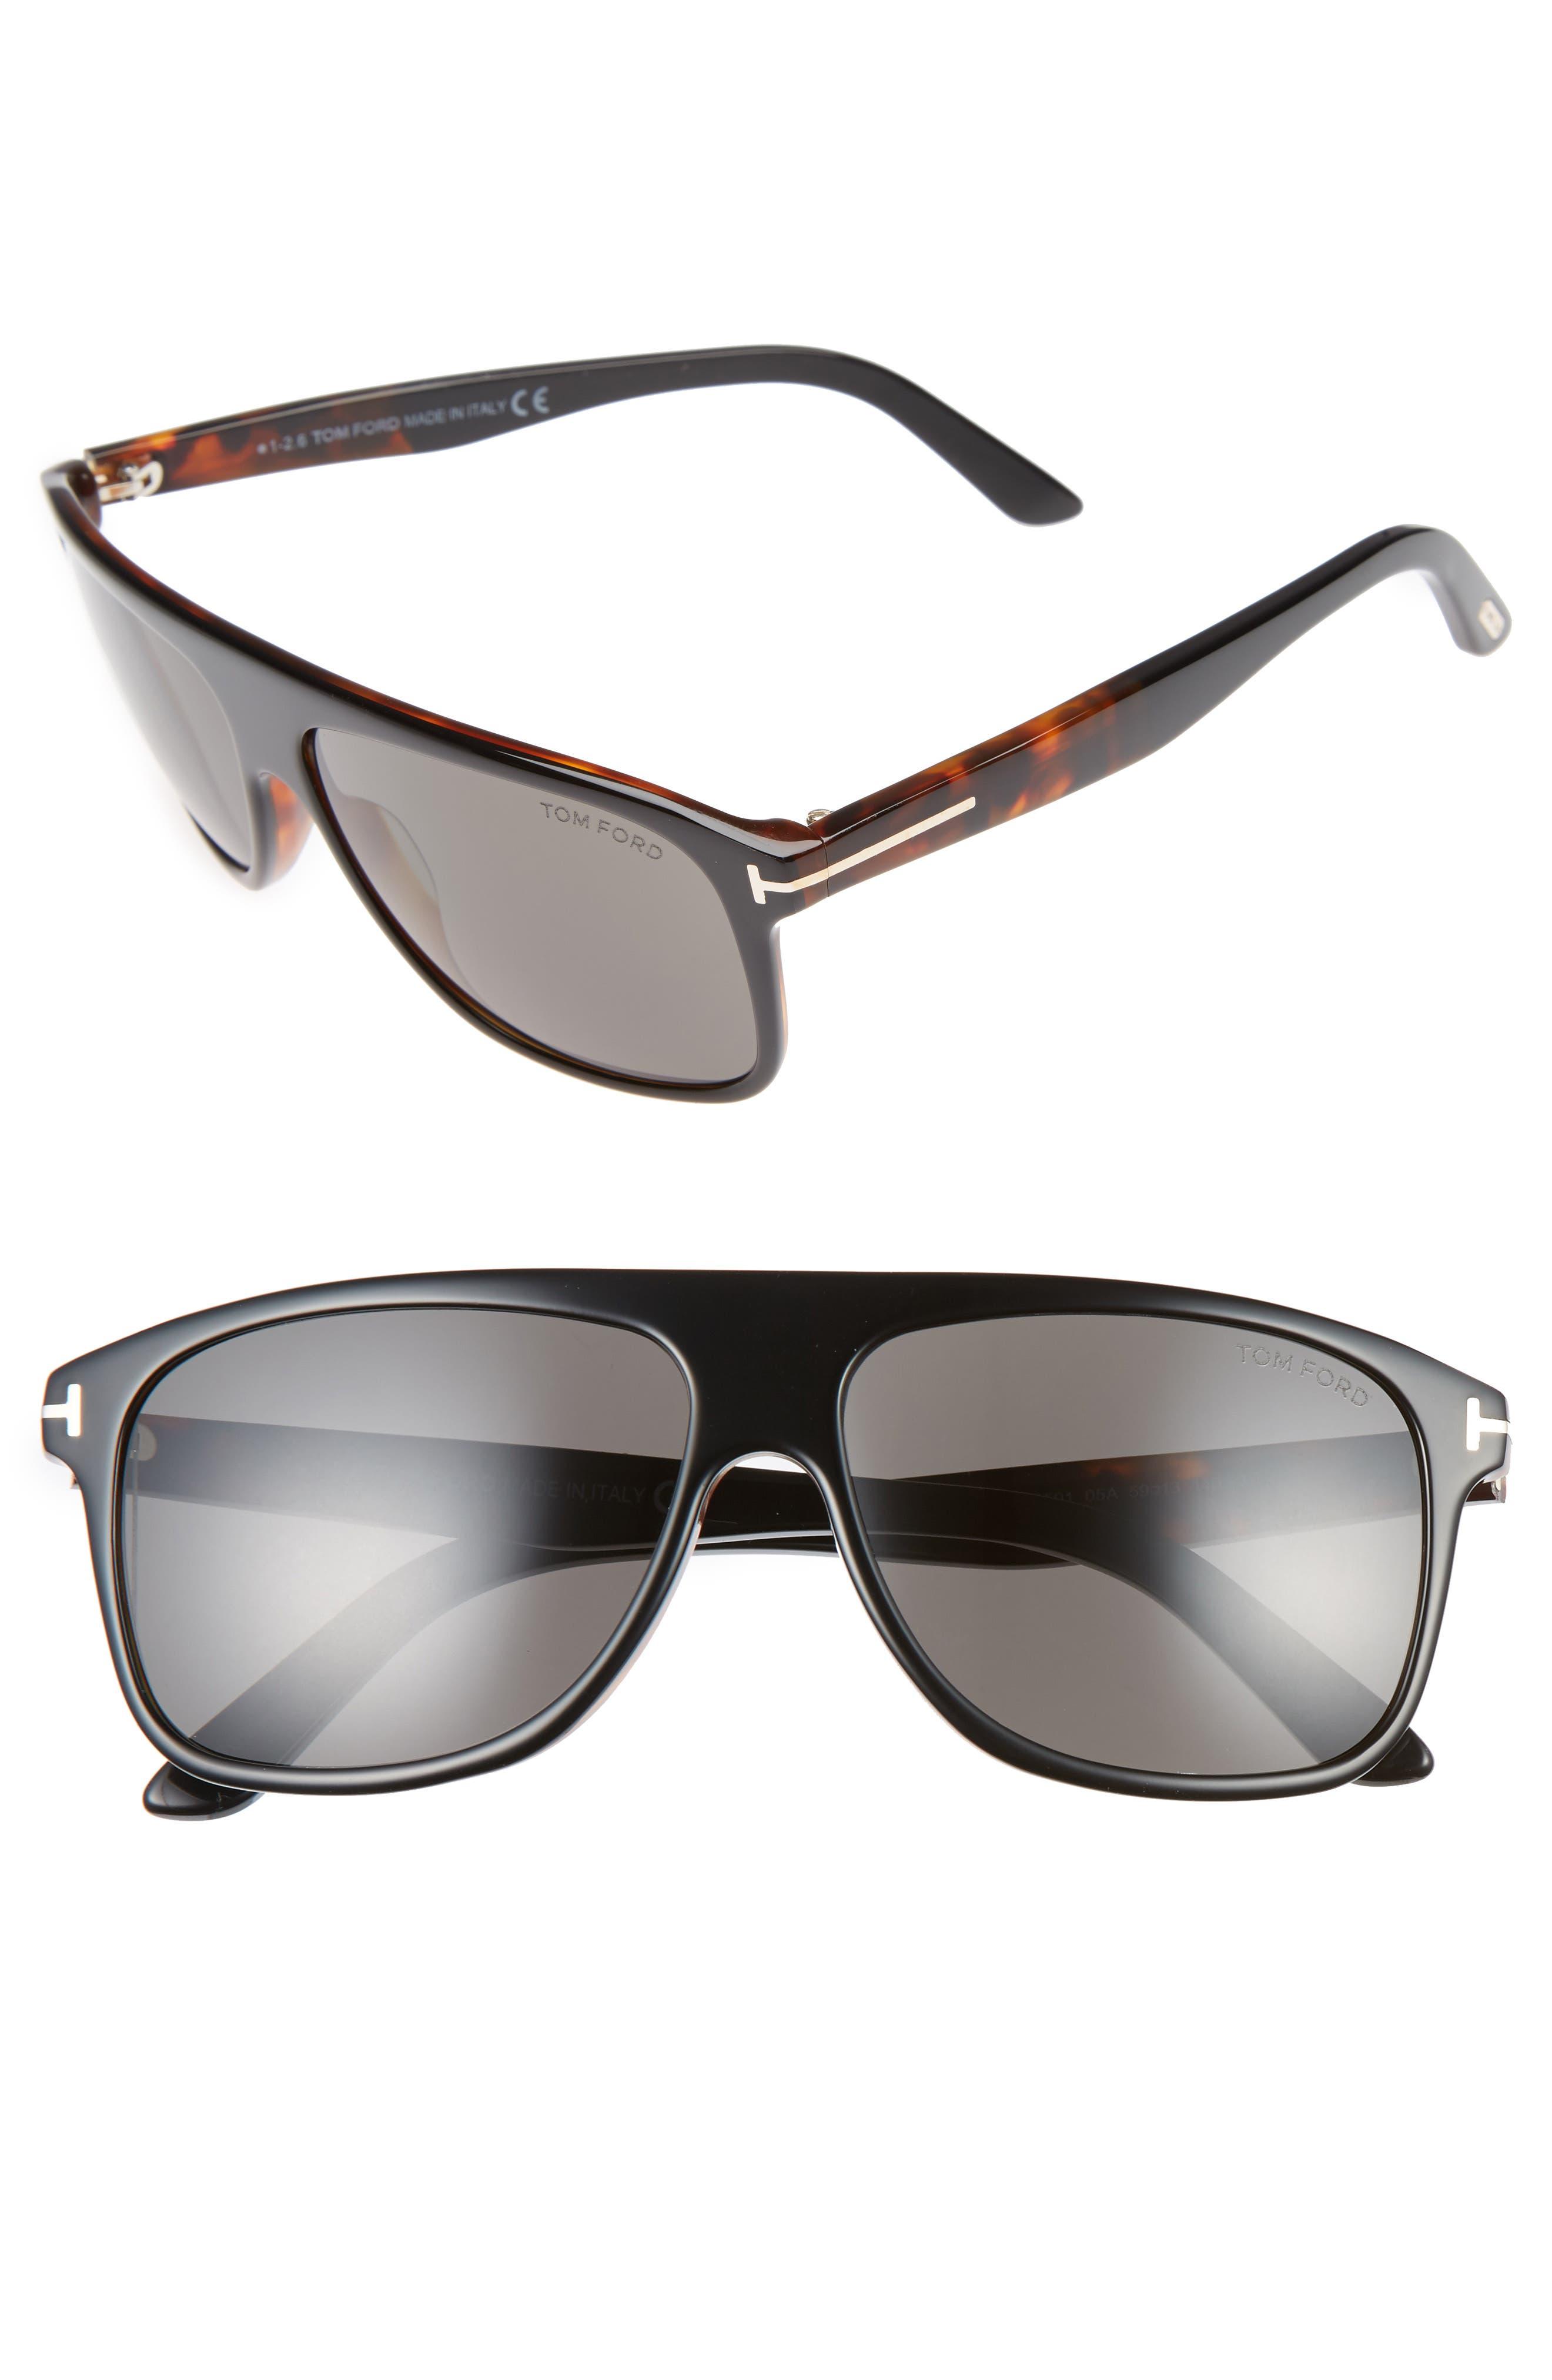 Inigo 59mm Flat Top Sunglasses,                         Main,                         color, 001